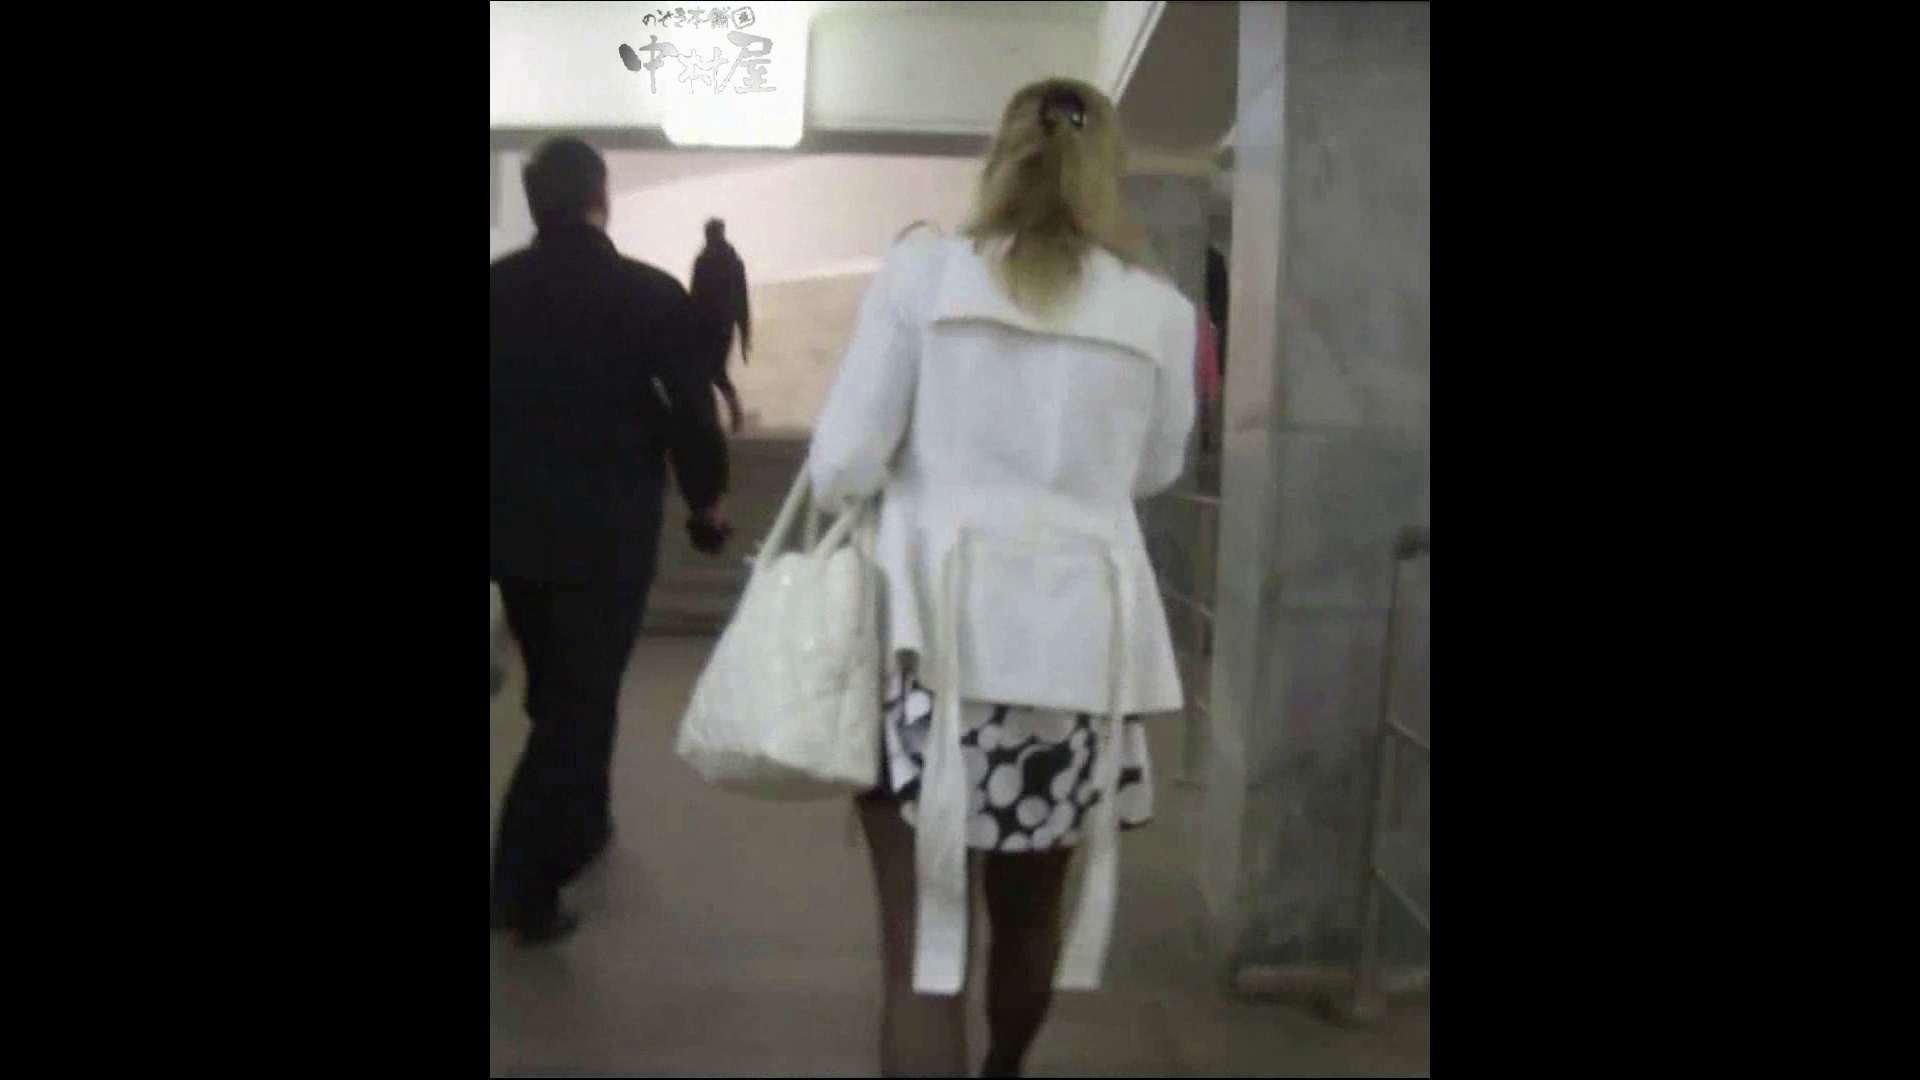 綺麗なモデルさんのスカート捲っちゃおう‼ vol16 OLセックス   お姉さんヌード  100画像 79